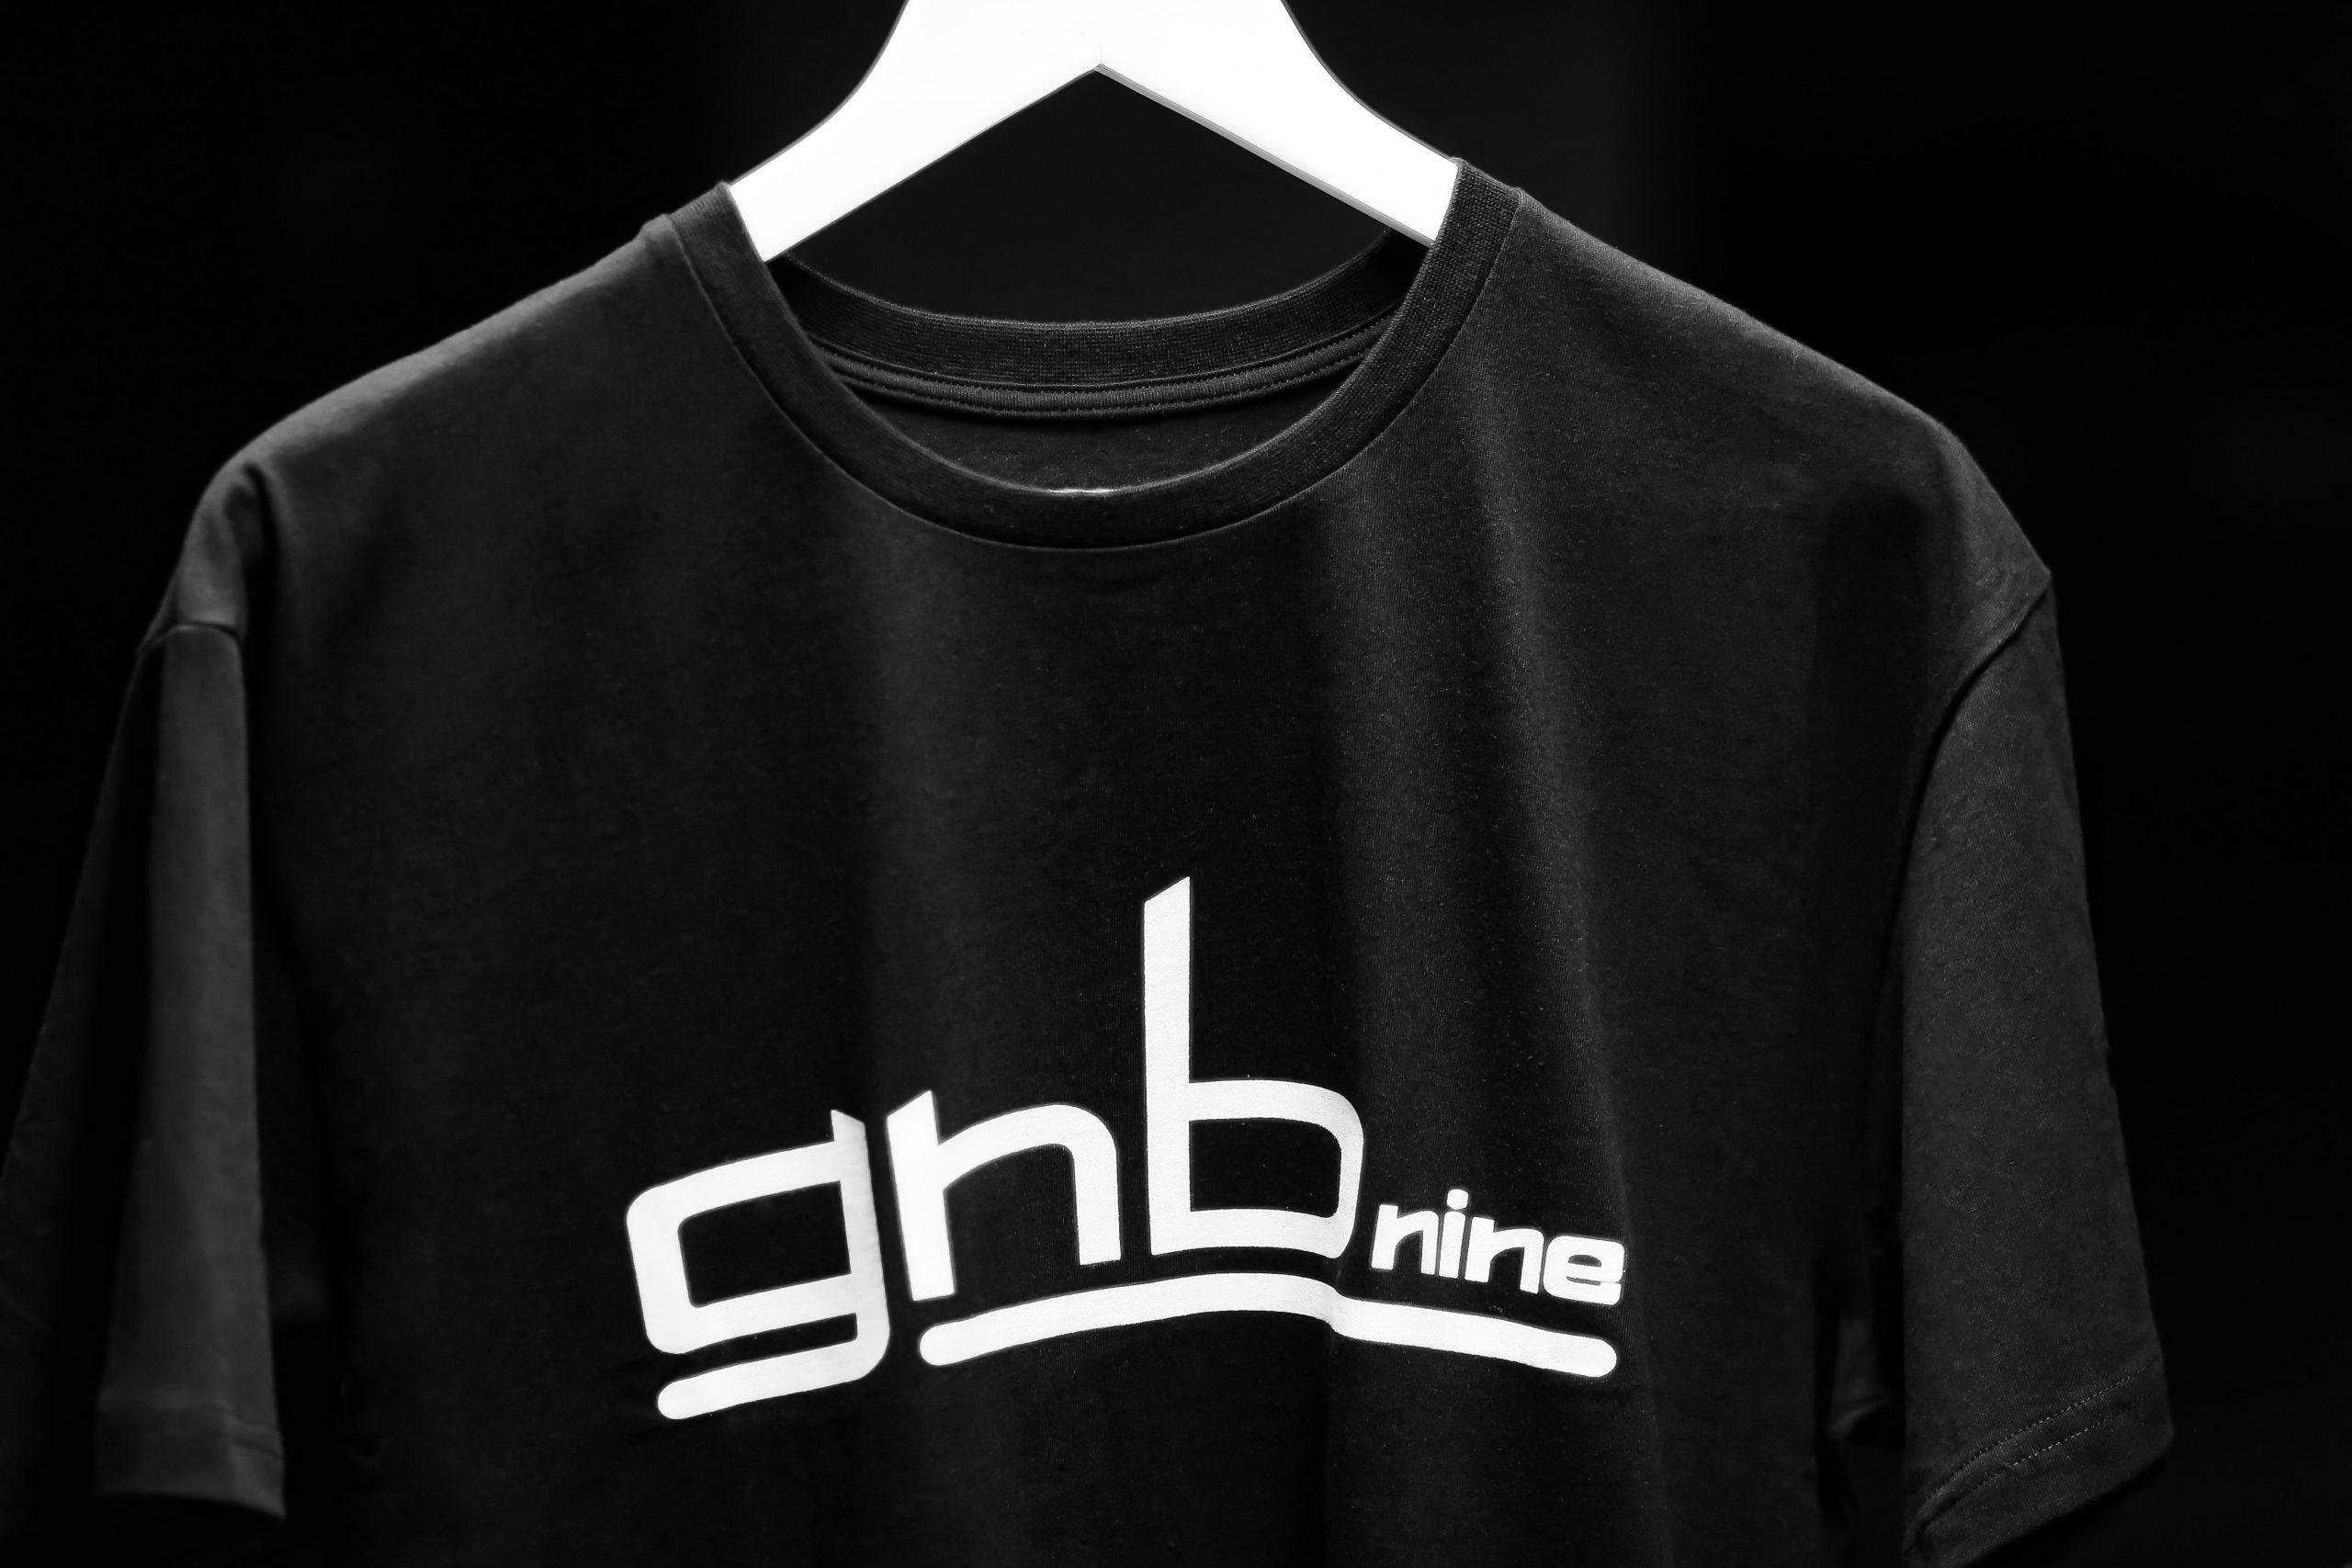 Černé tričko GnBnine Maverick